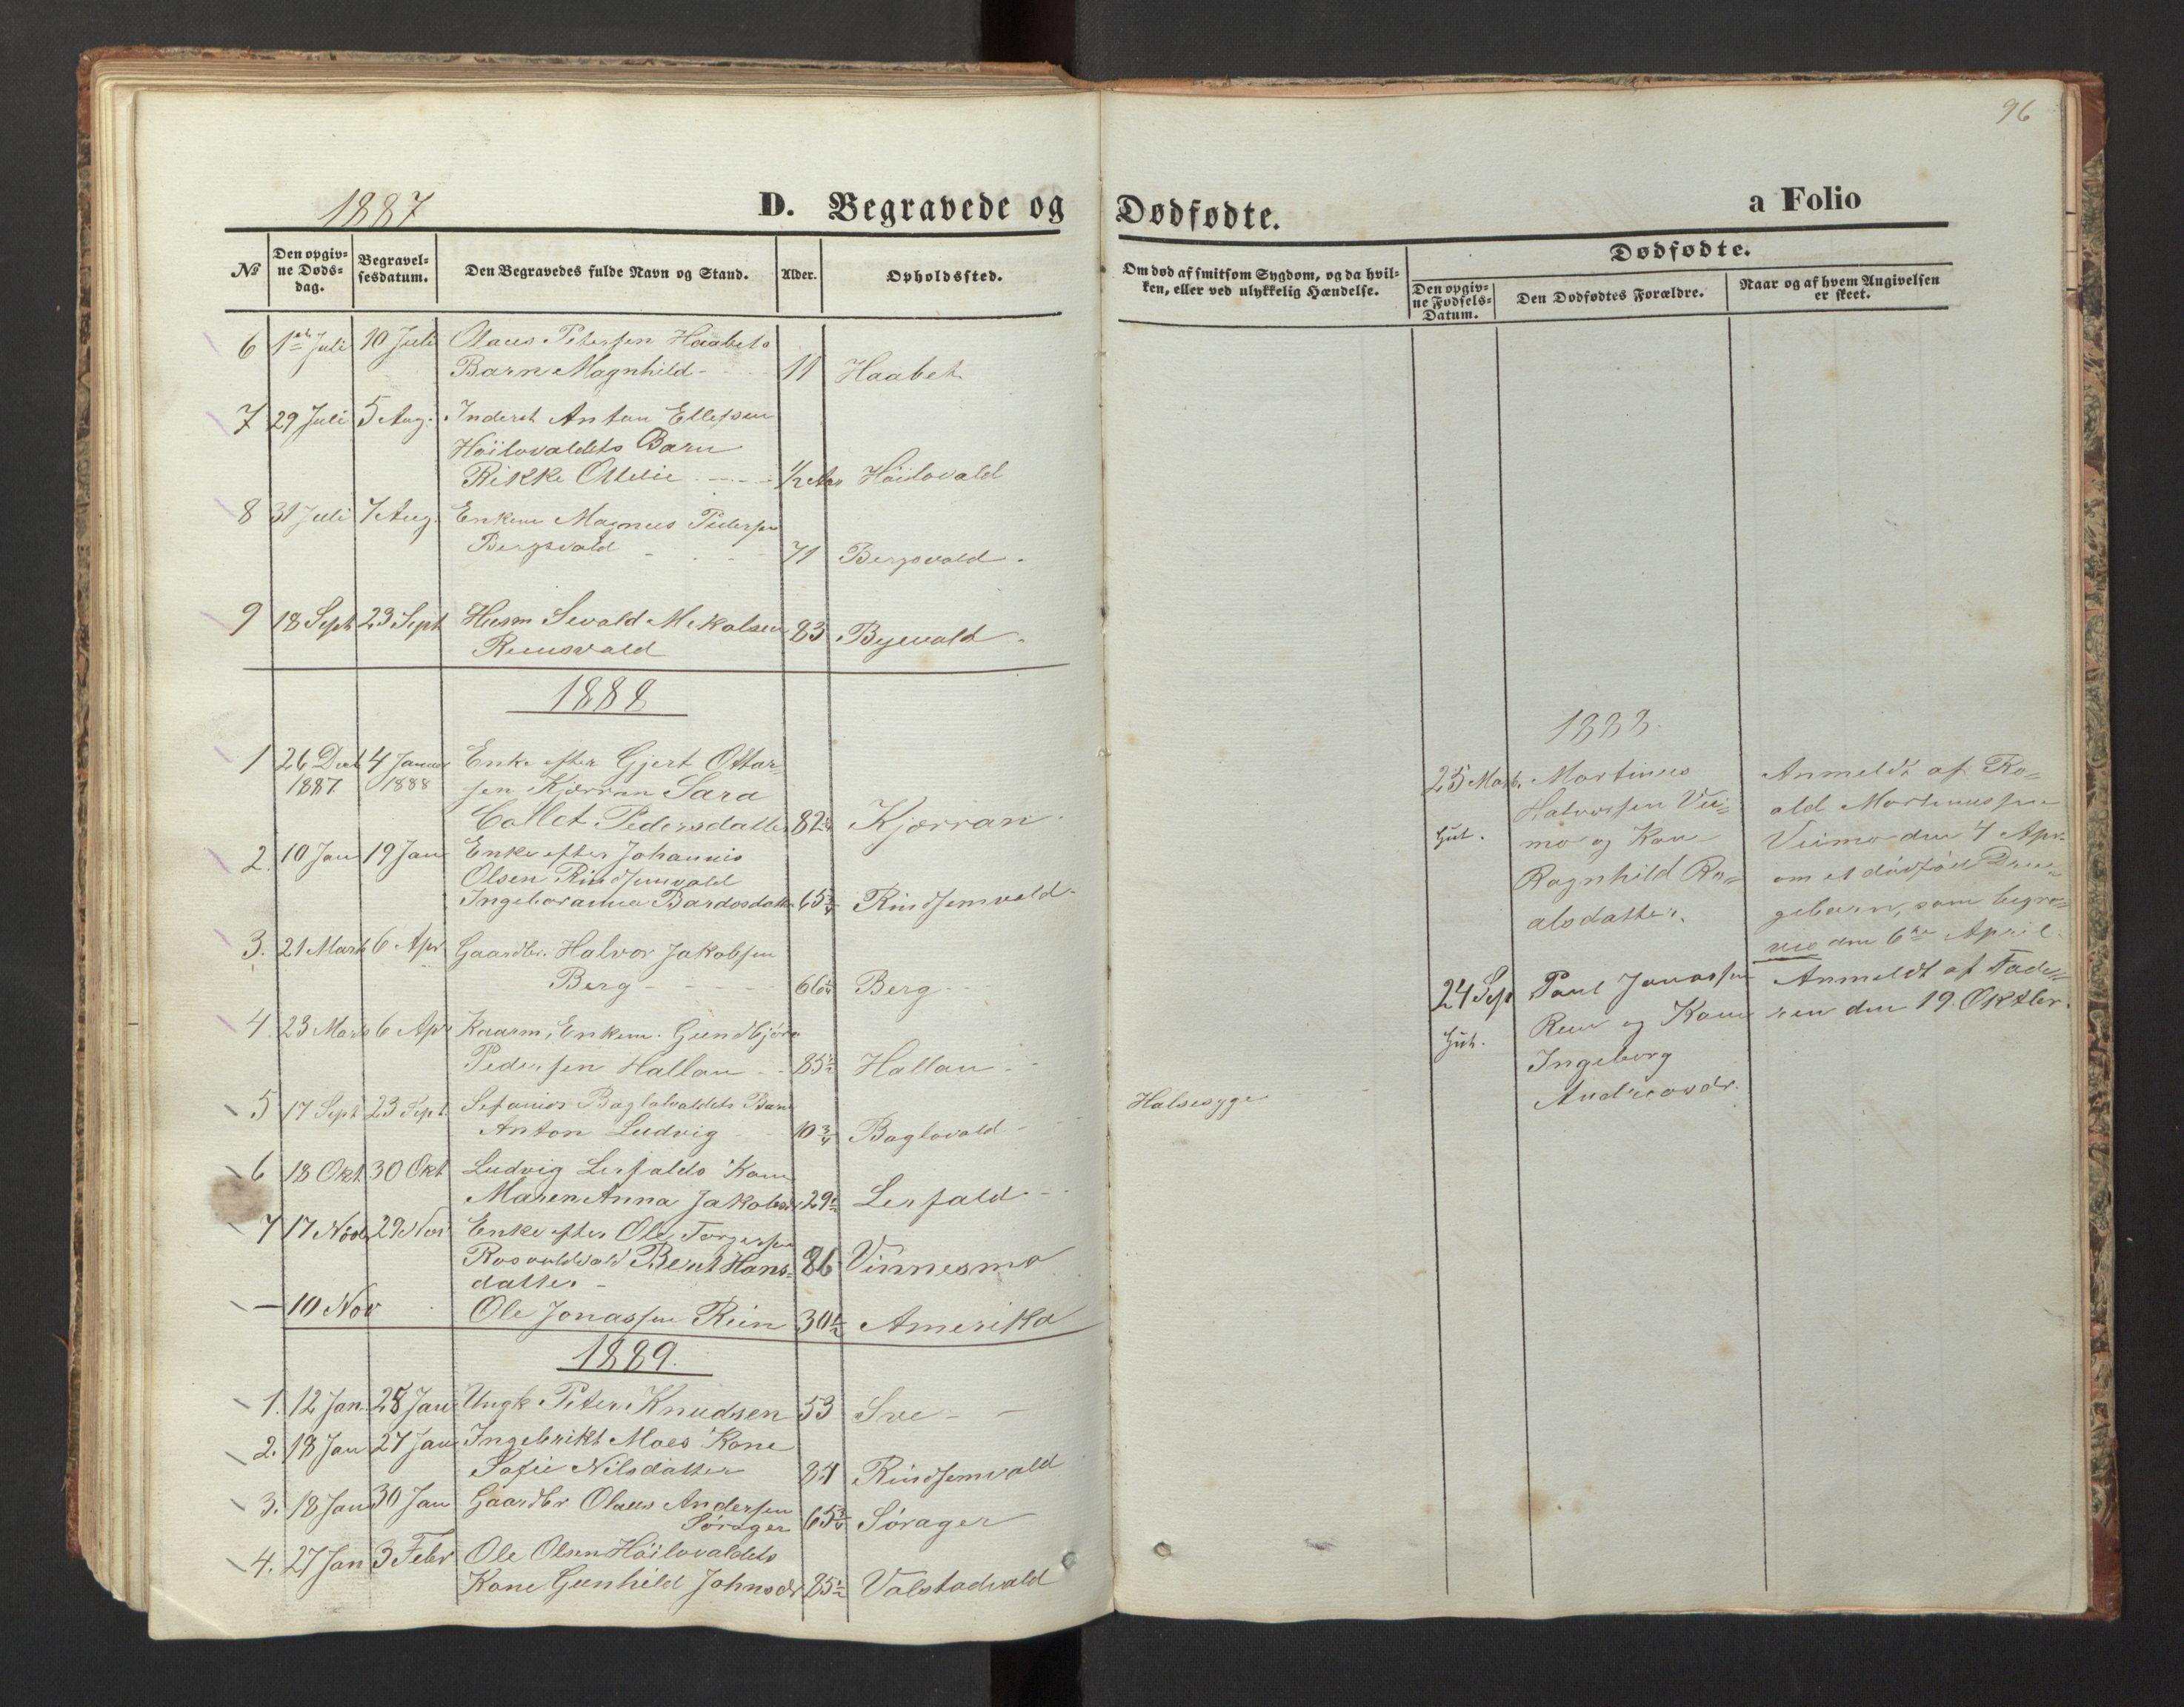 SAT, Ministerialprotokoller, klokkerbøker og fødselsregistre - Nord-Trøndelag, 726/L0271: Klokkerbok nr. 726C02, 1869-1897, s. 96